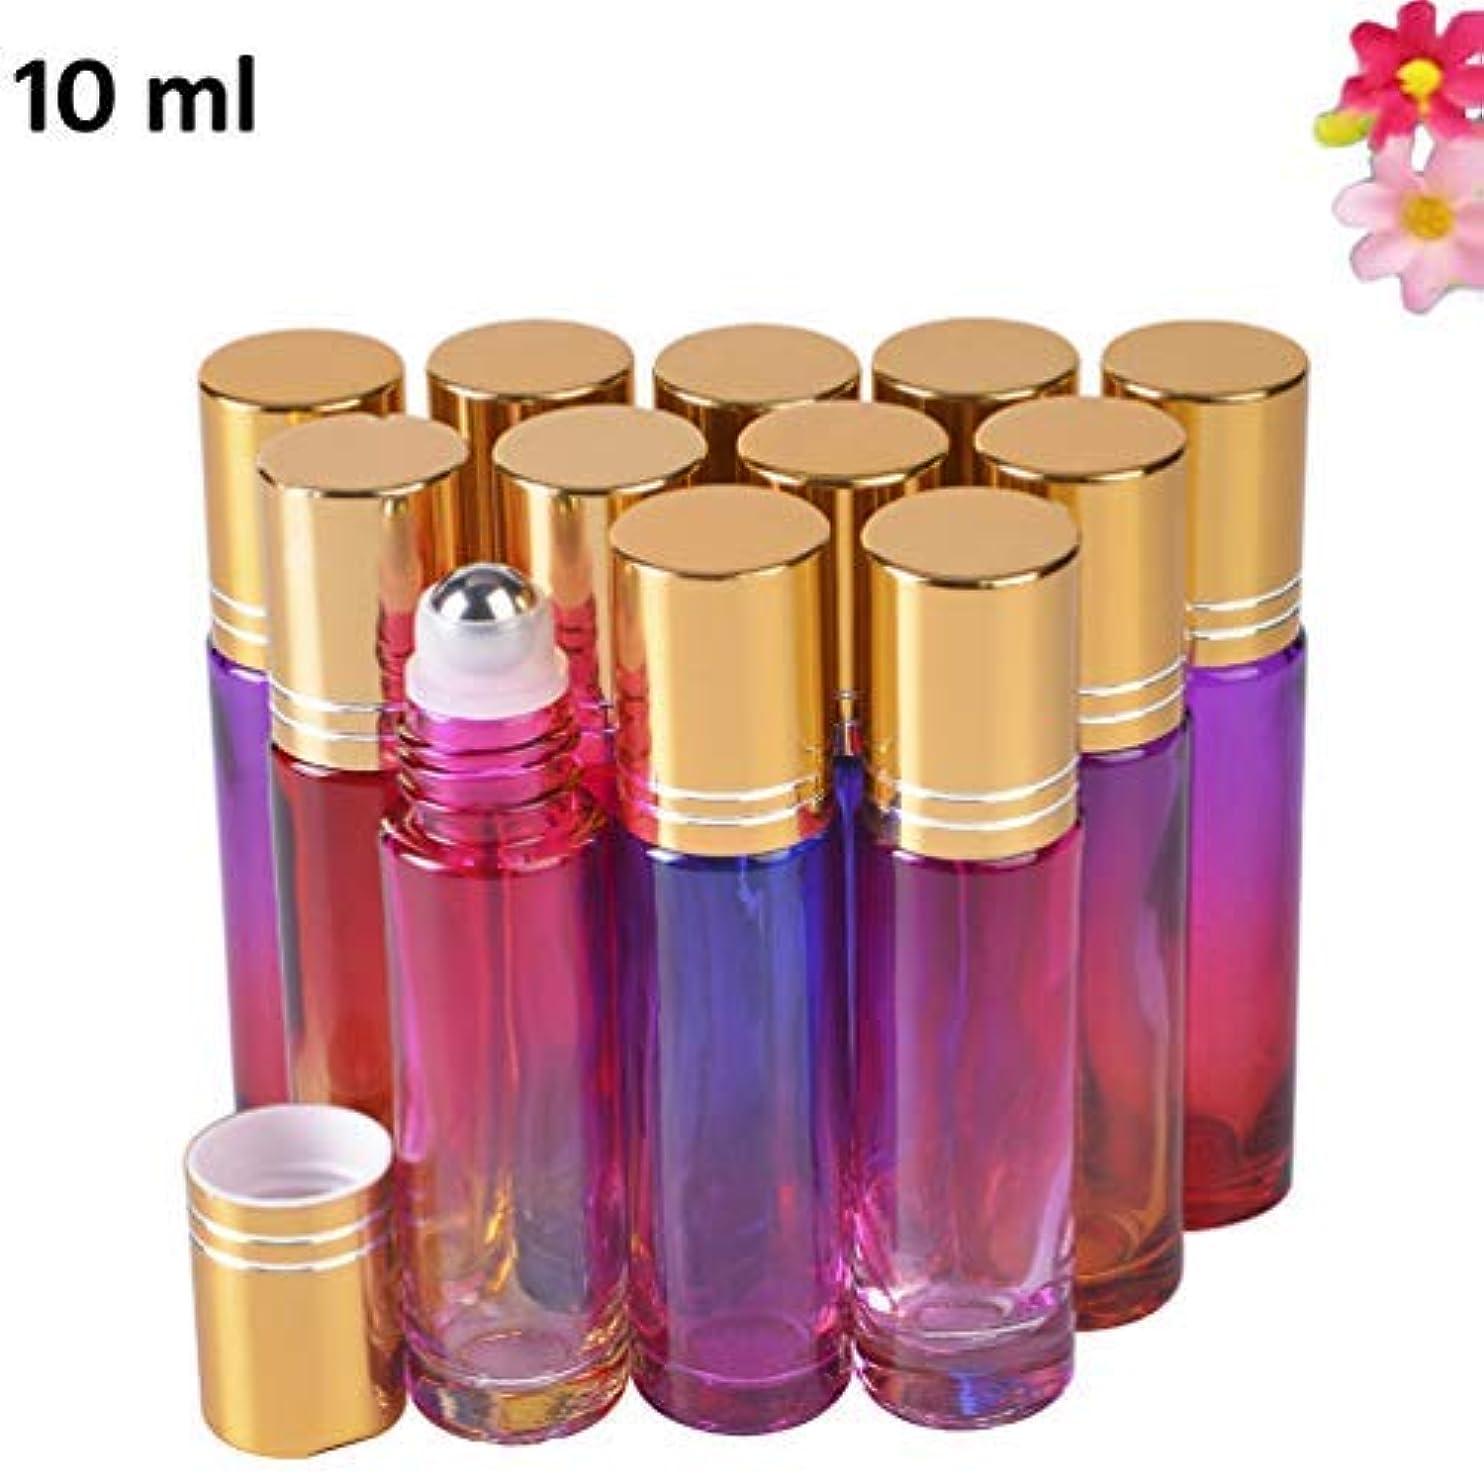 アレンジ将来の休憩12 pack Essential Oil Roller Bottles 10ml with Beautiful Color [並行輸入品]